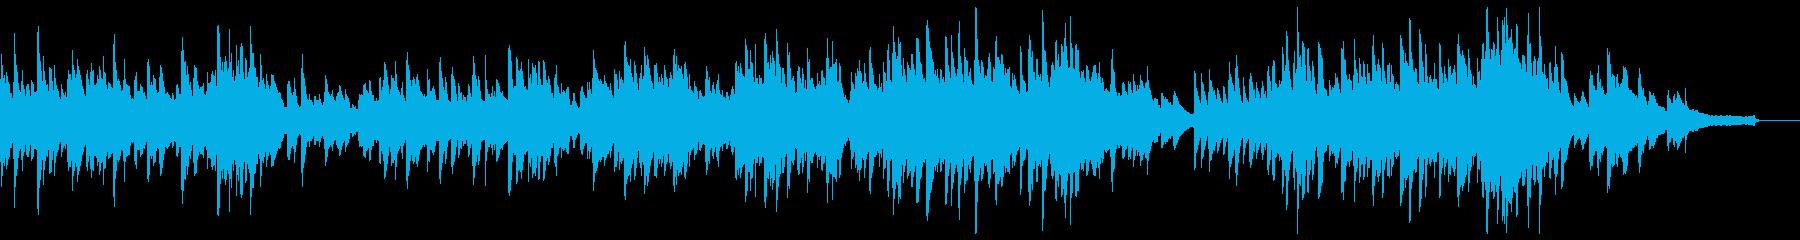 ブラームス間奏曲イ長調(ピアノソロ)の再生済みの波形